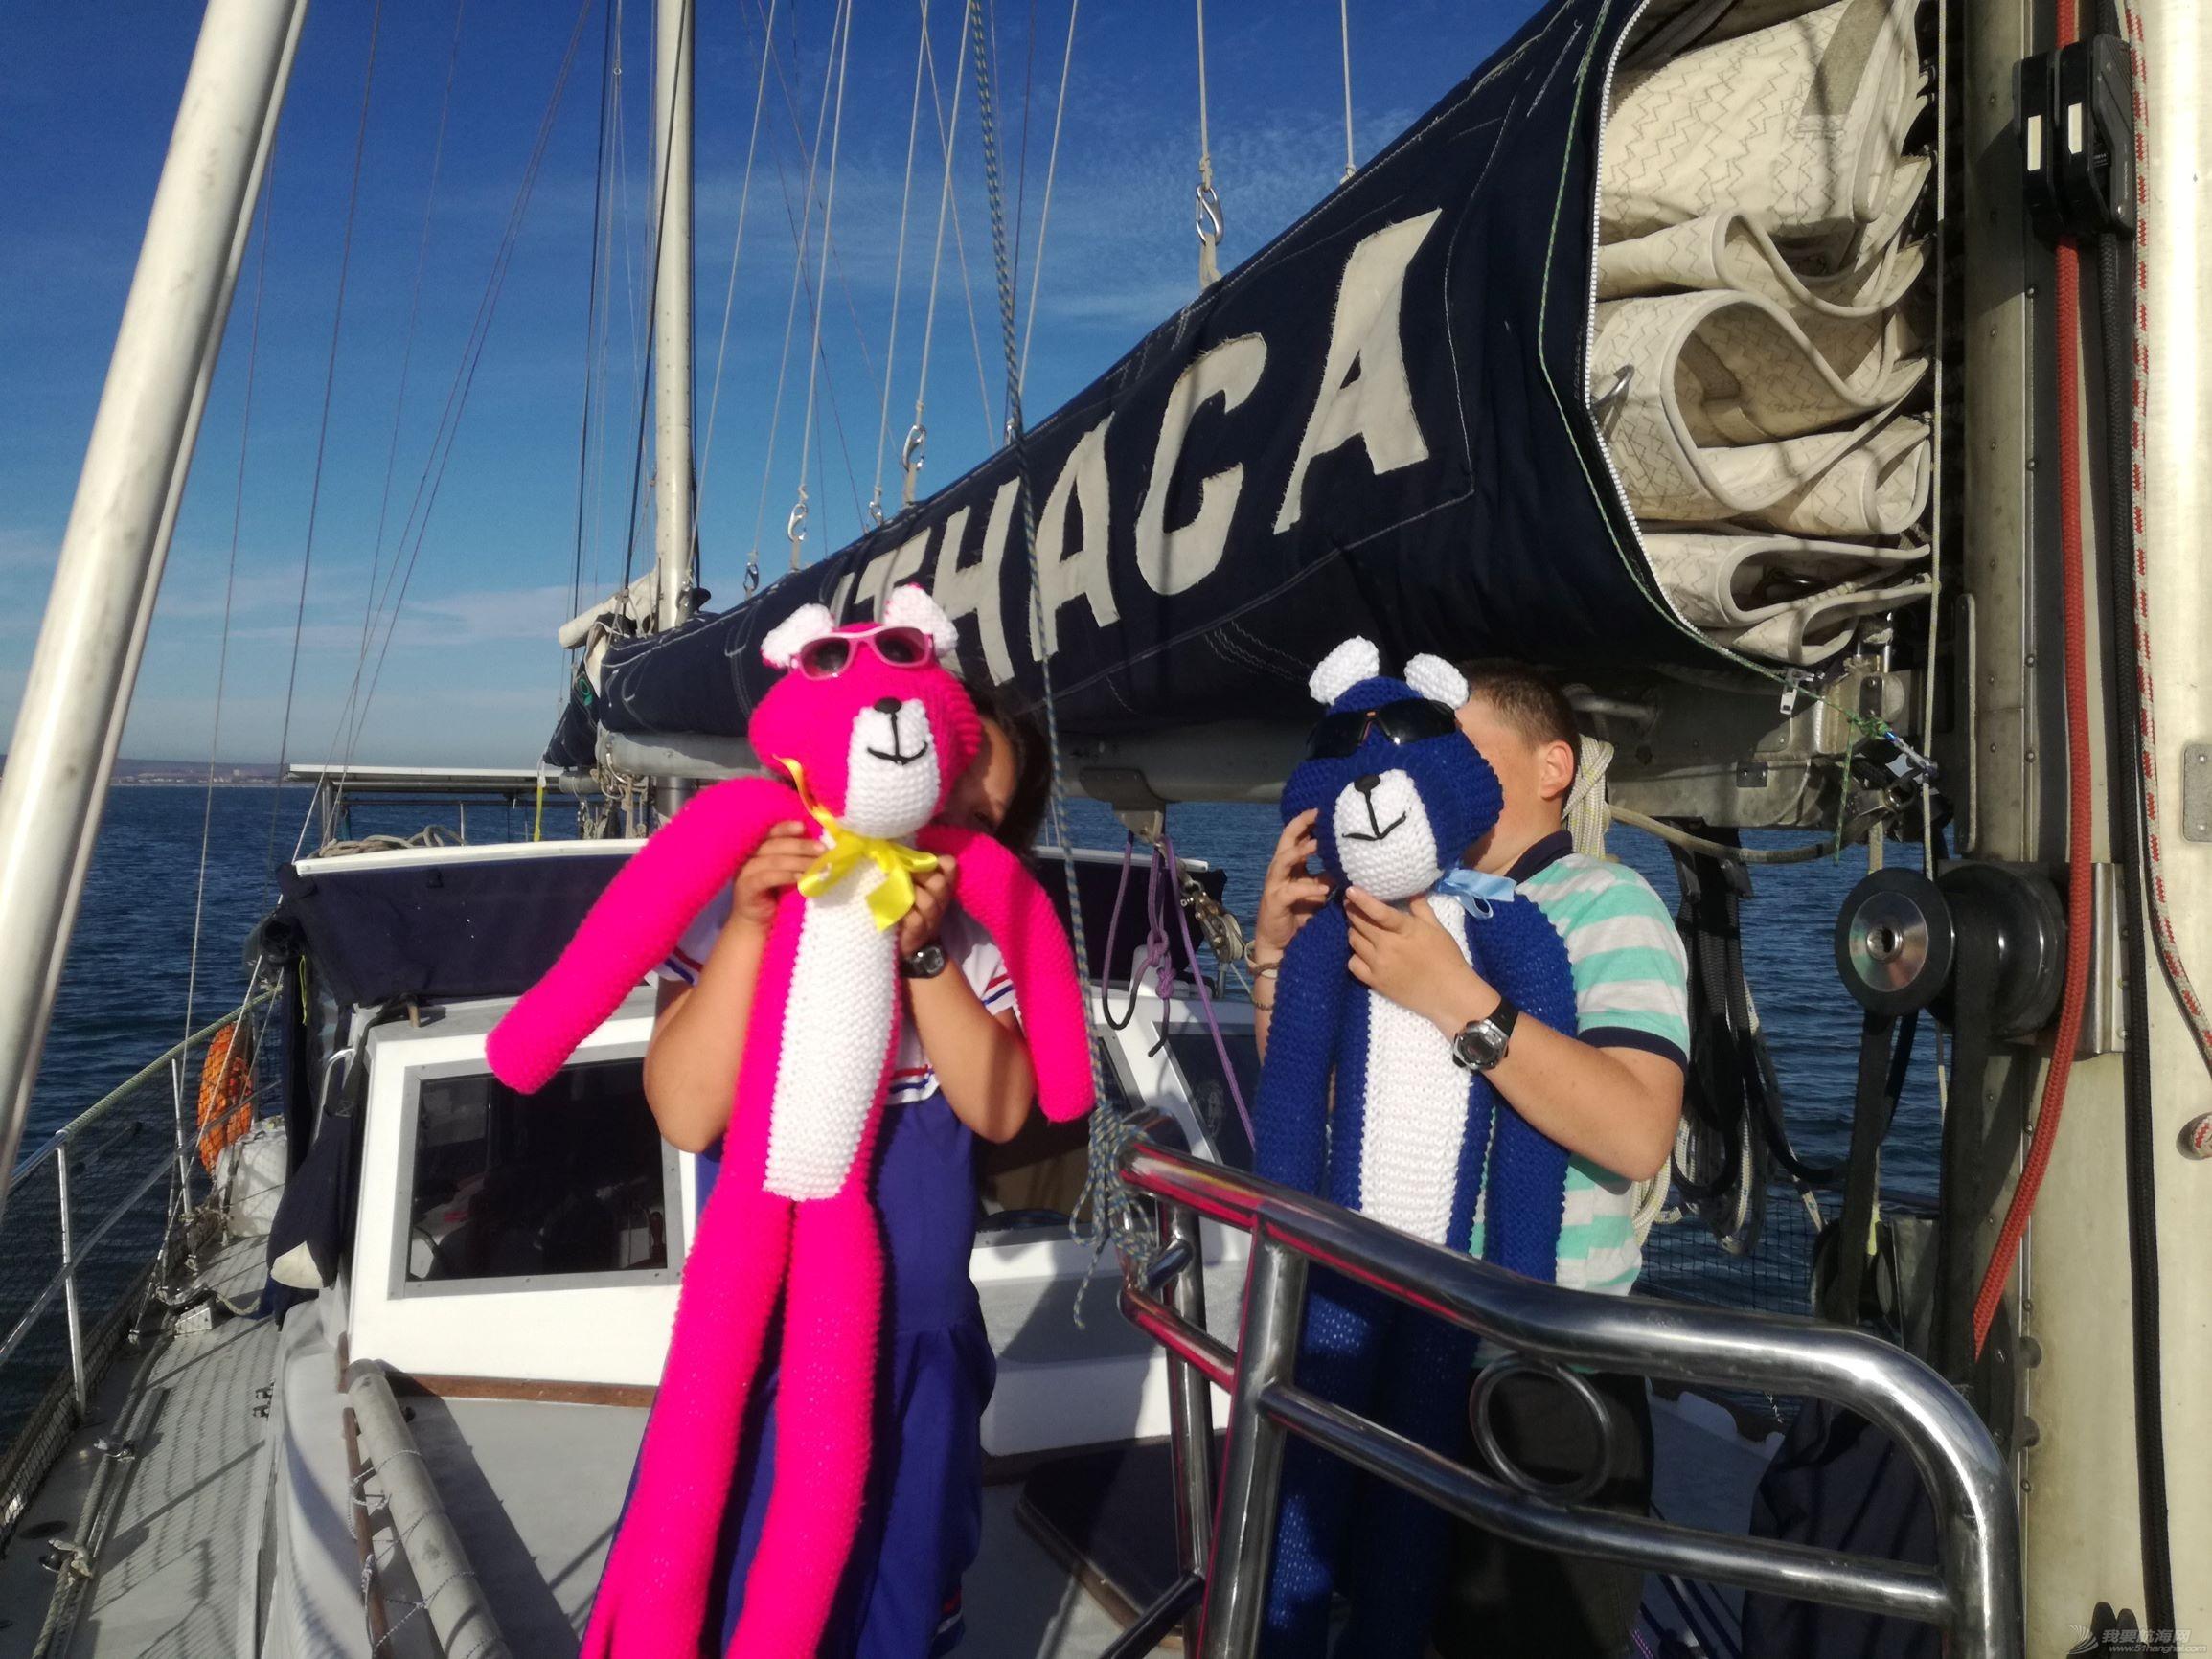 我们,帆船,俱乐部,南非,离开 ITHACA号航海 15 新年喜团聚,没有保险,也不能阻止向海洋出发 孩子们的礼物 023518nhn9wj68qwnun3w4